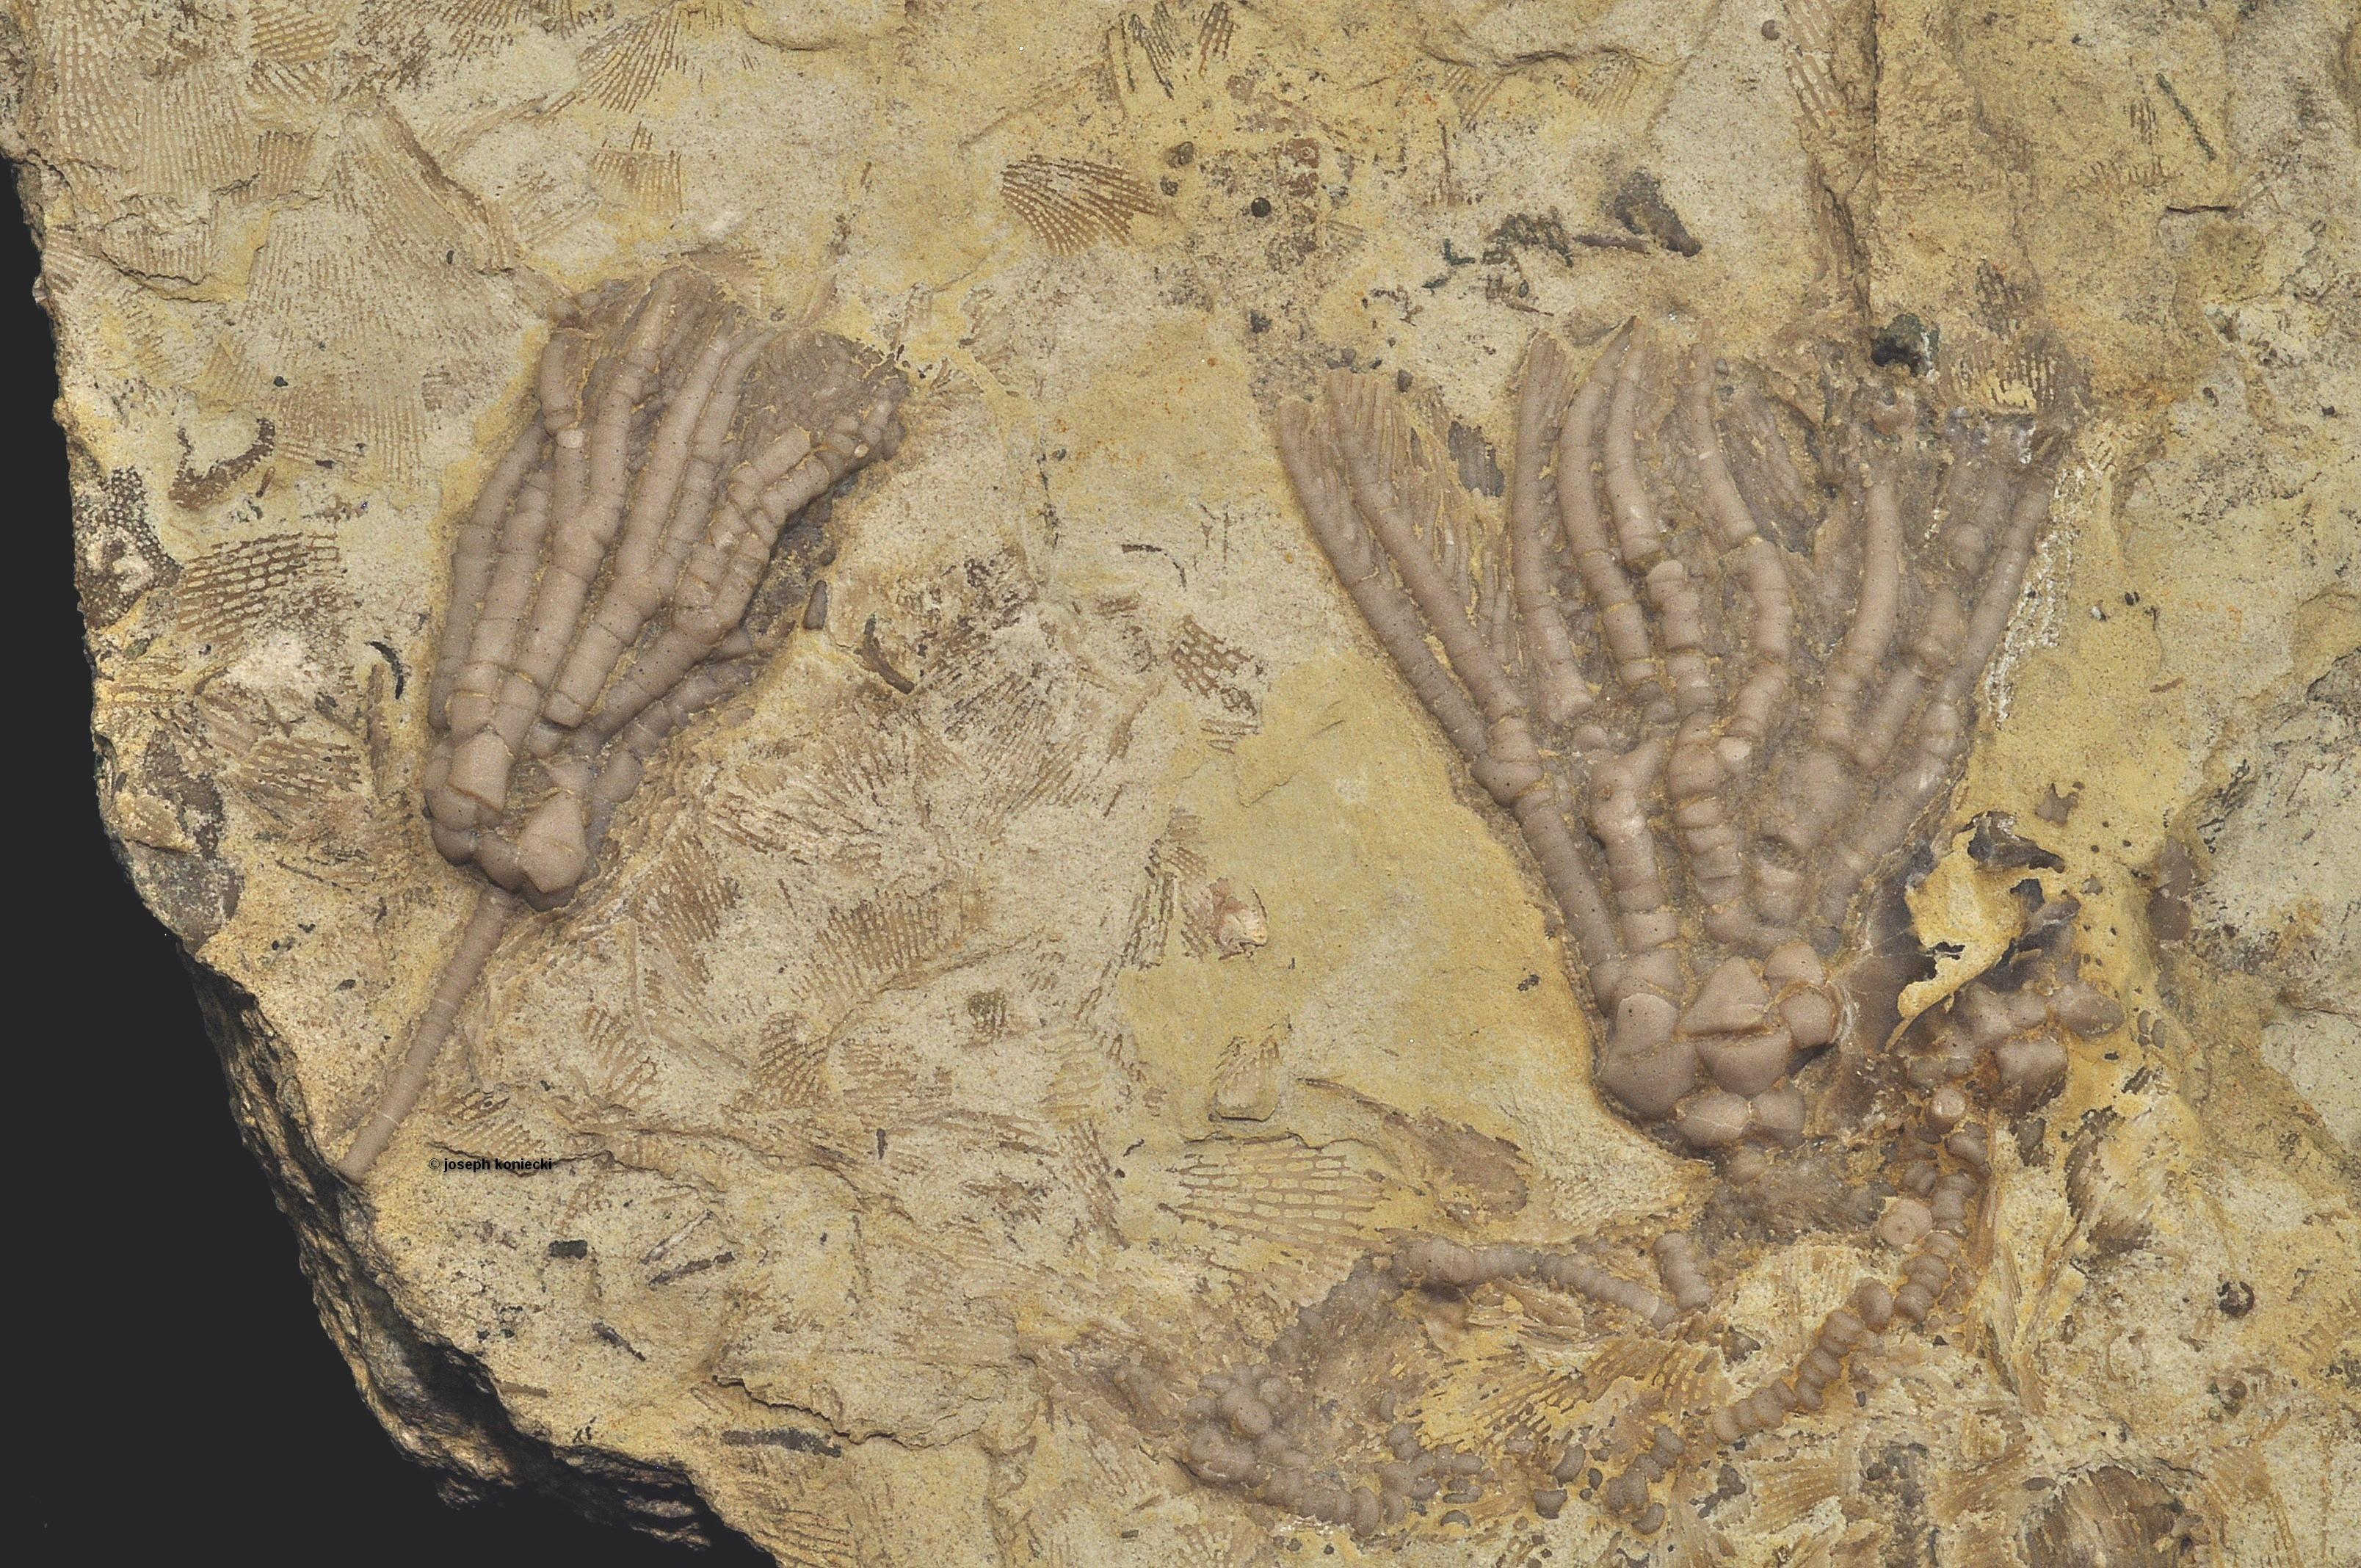 Dinotocrinus